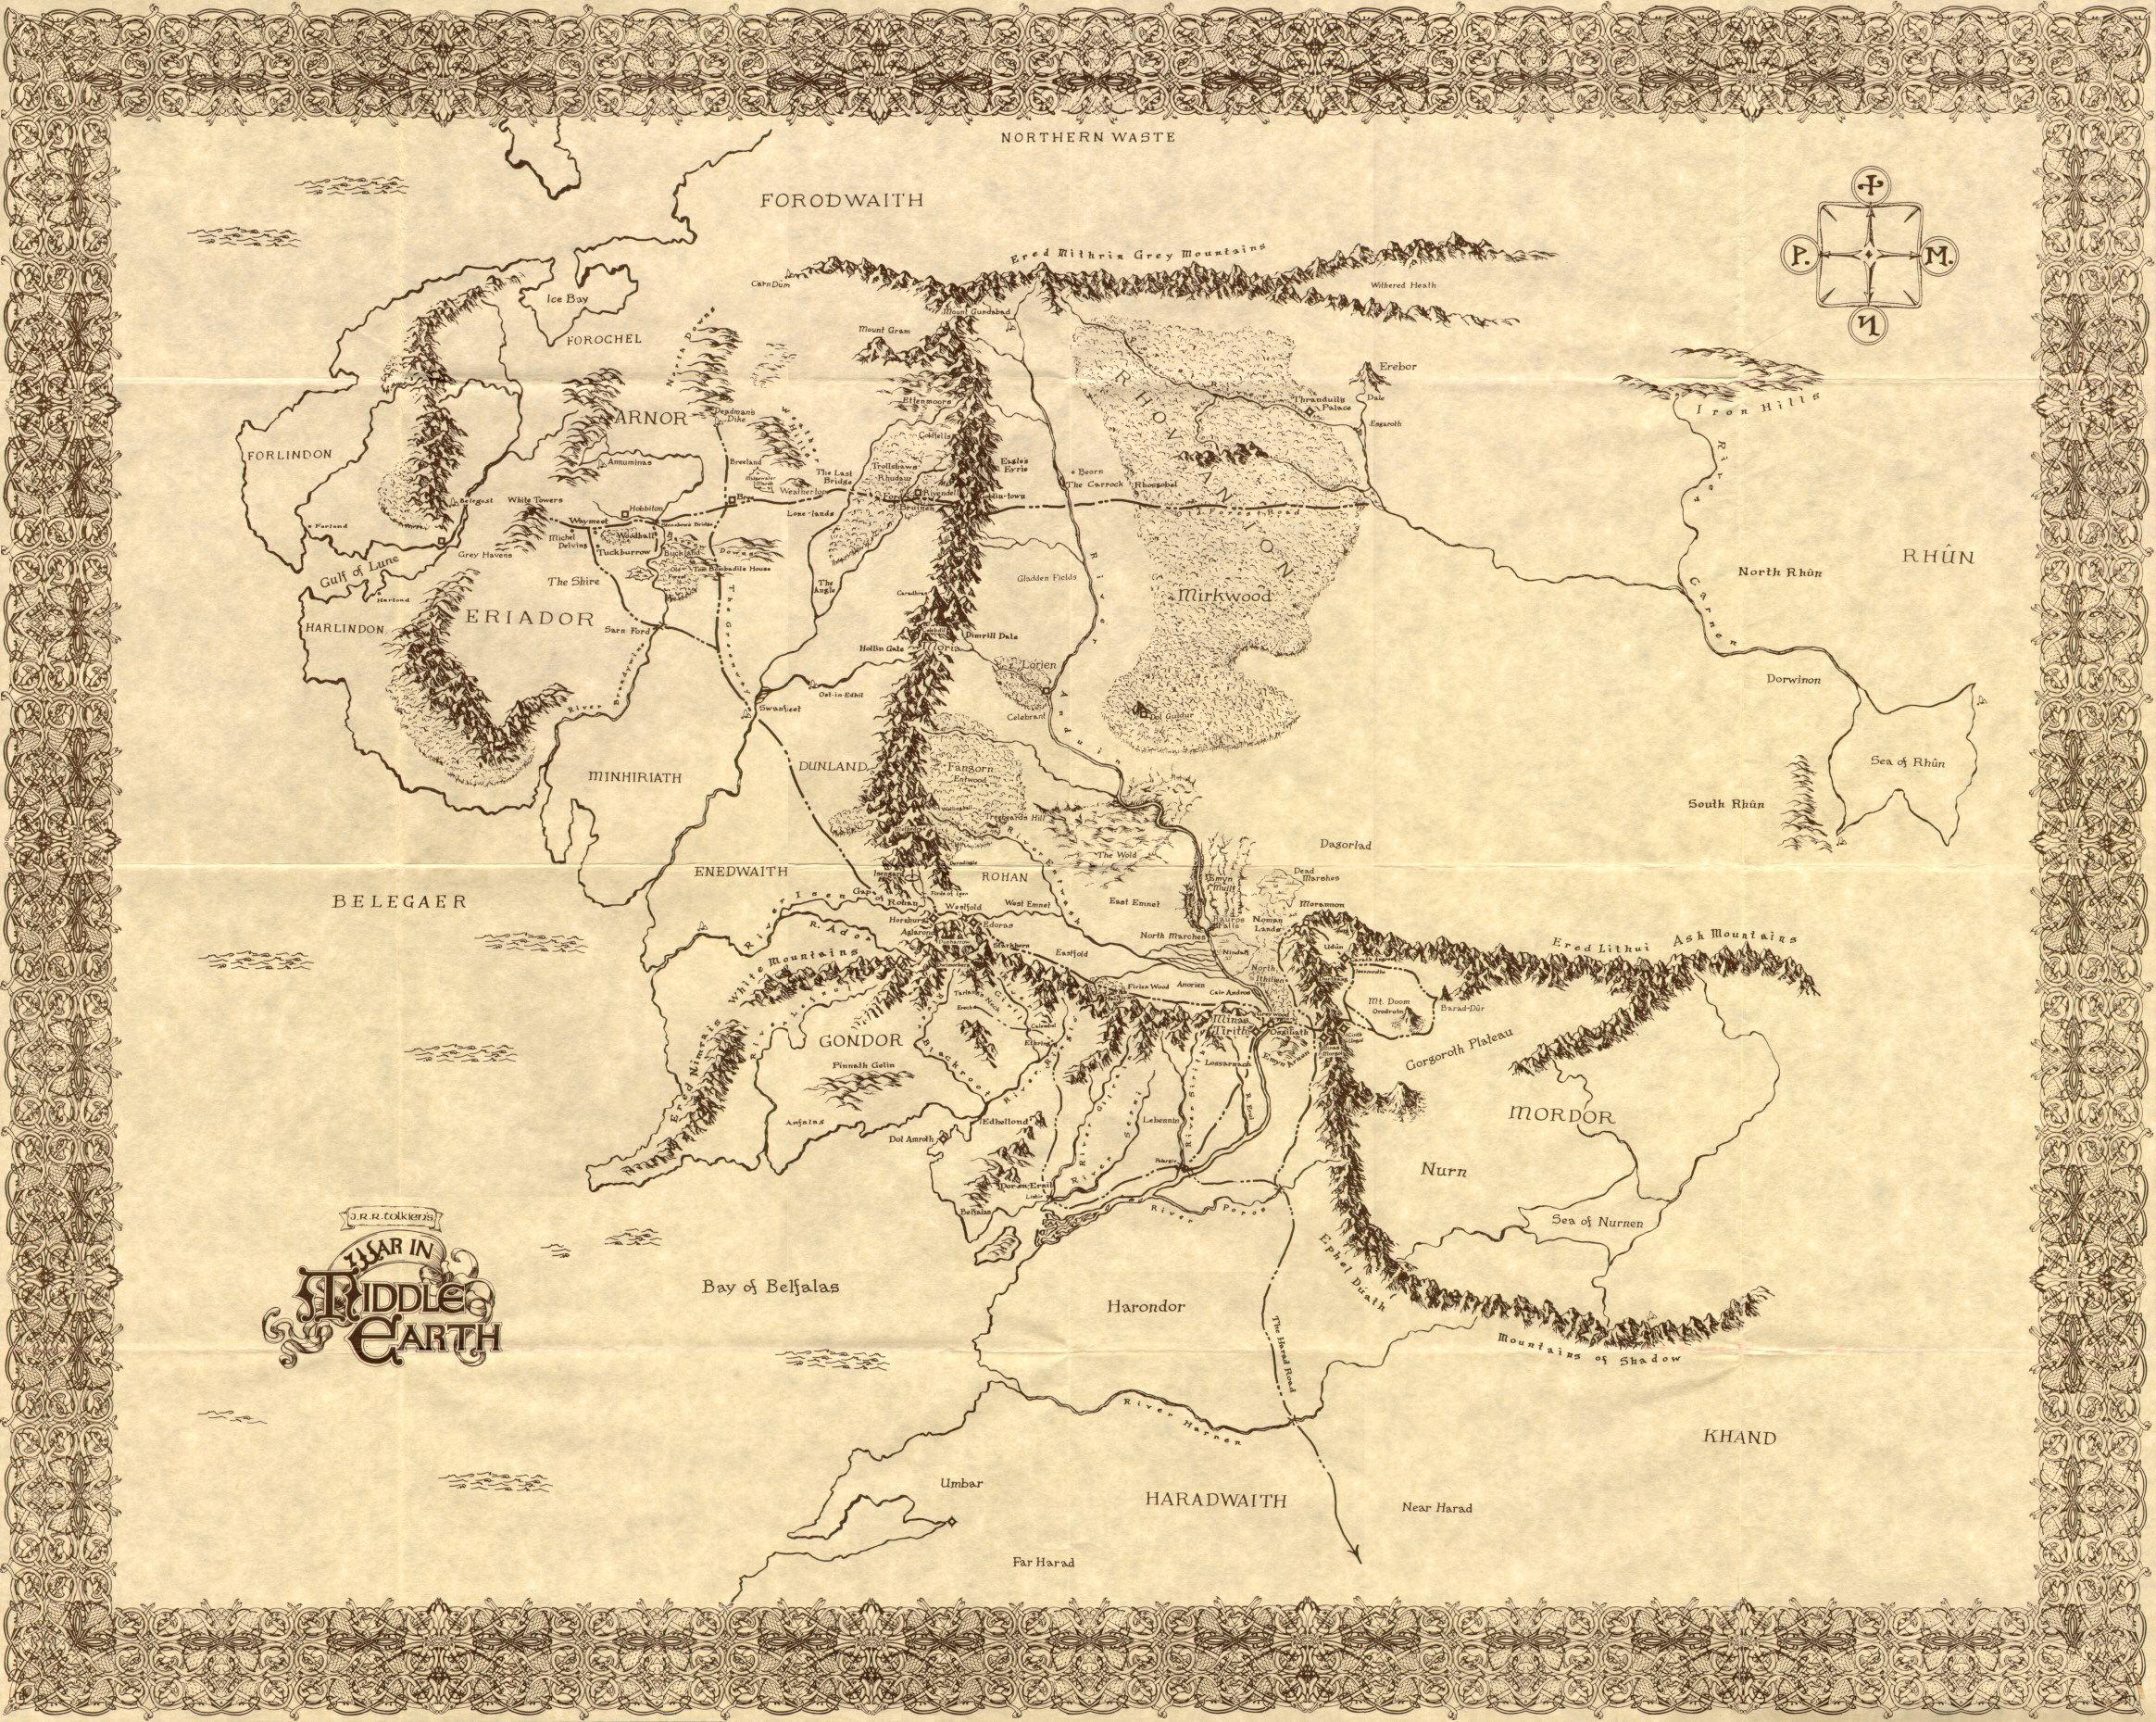 Obrazky K Tolkienovym Knizkam